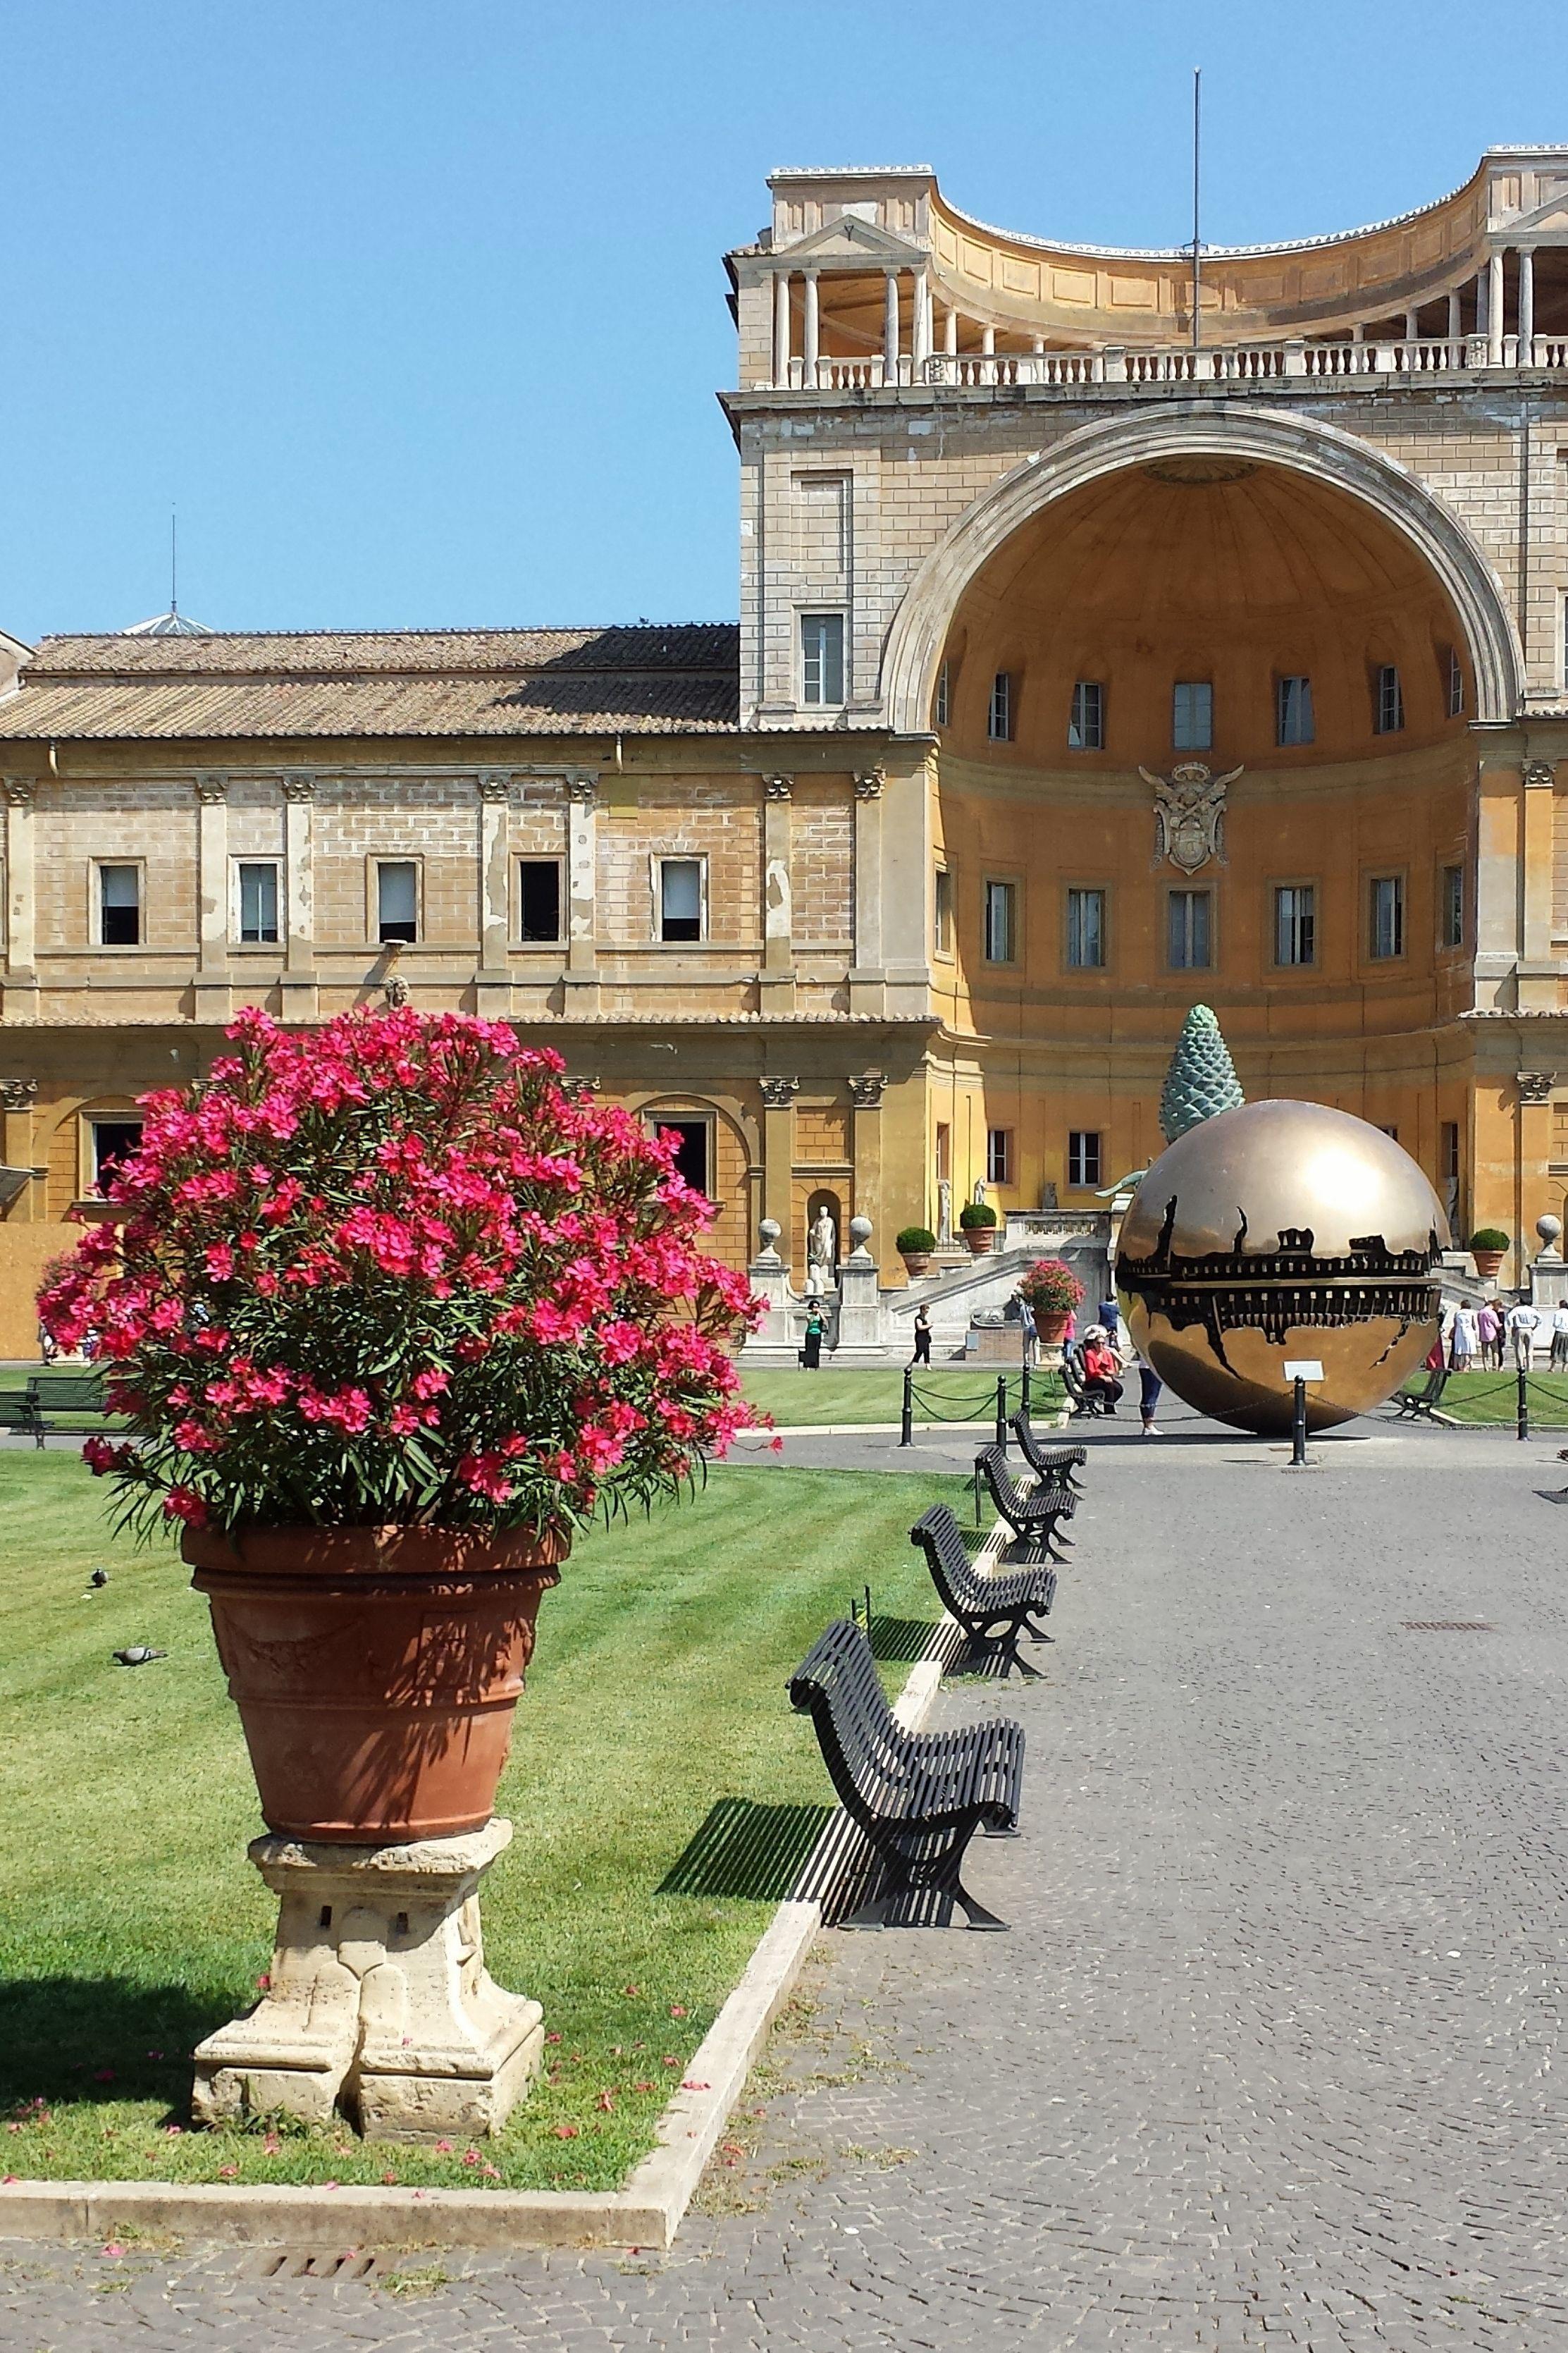 0a2c49ea7724e884c62d0321eb268530 - Vatican Gardens And Vatican Museums Tour